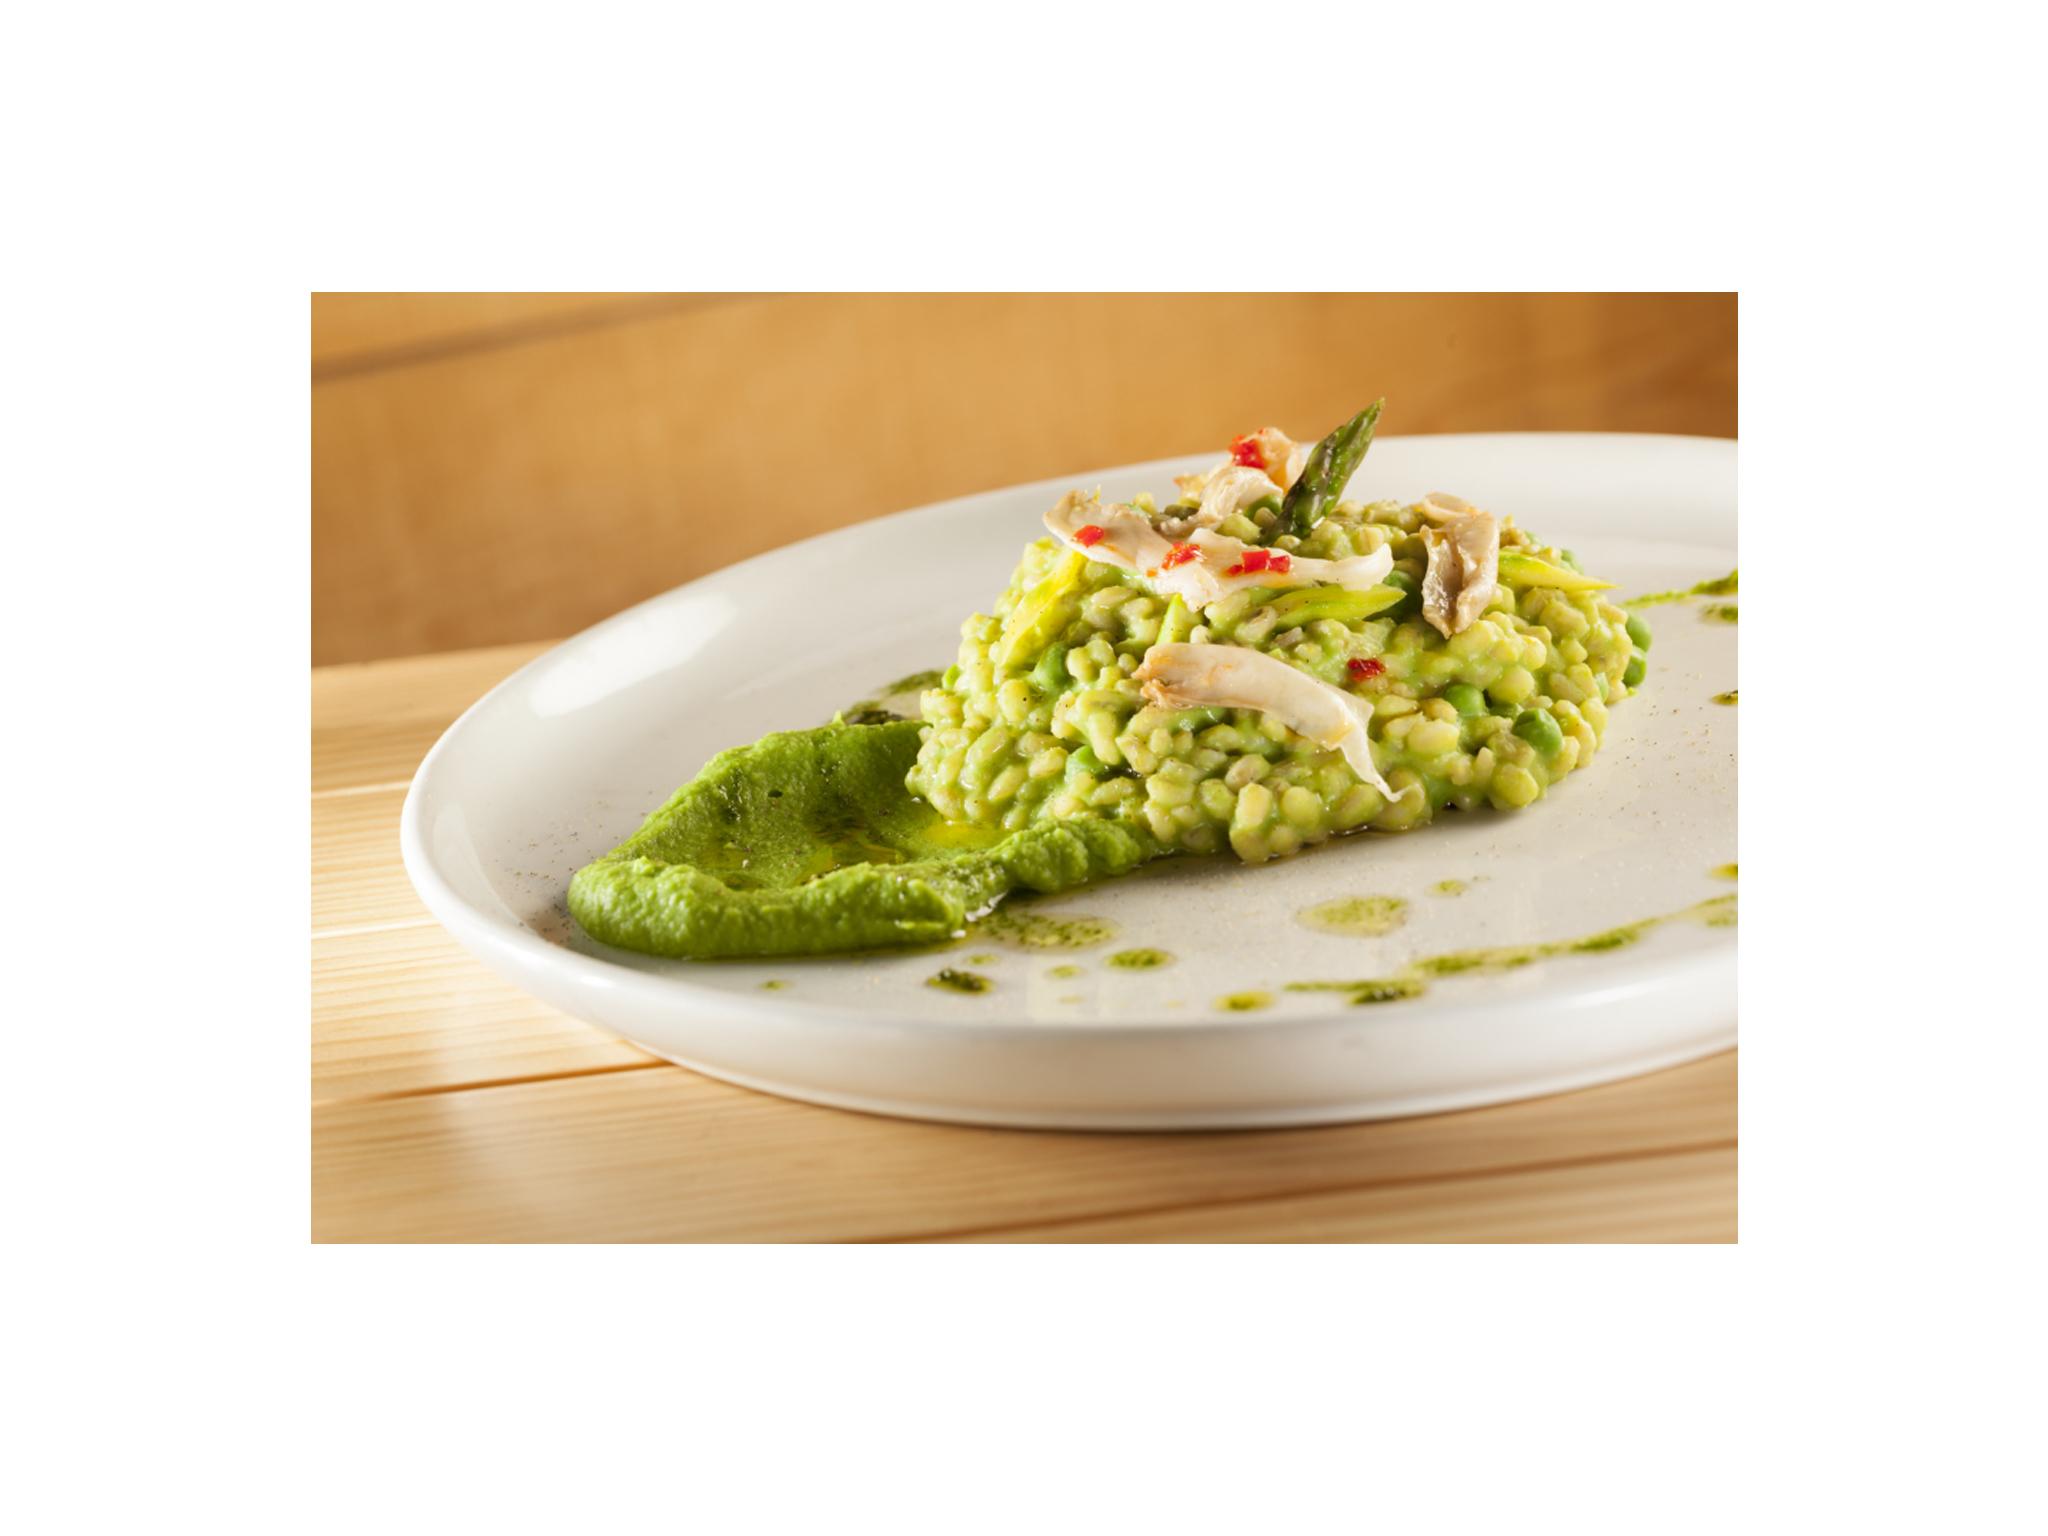 _Orzotto_ di asparagi verdi conserva di cardarelli e pesto di peselli_Cevadotto de espargos verdes e conserva de cogumelos pleurotus com pasta de ervilha